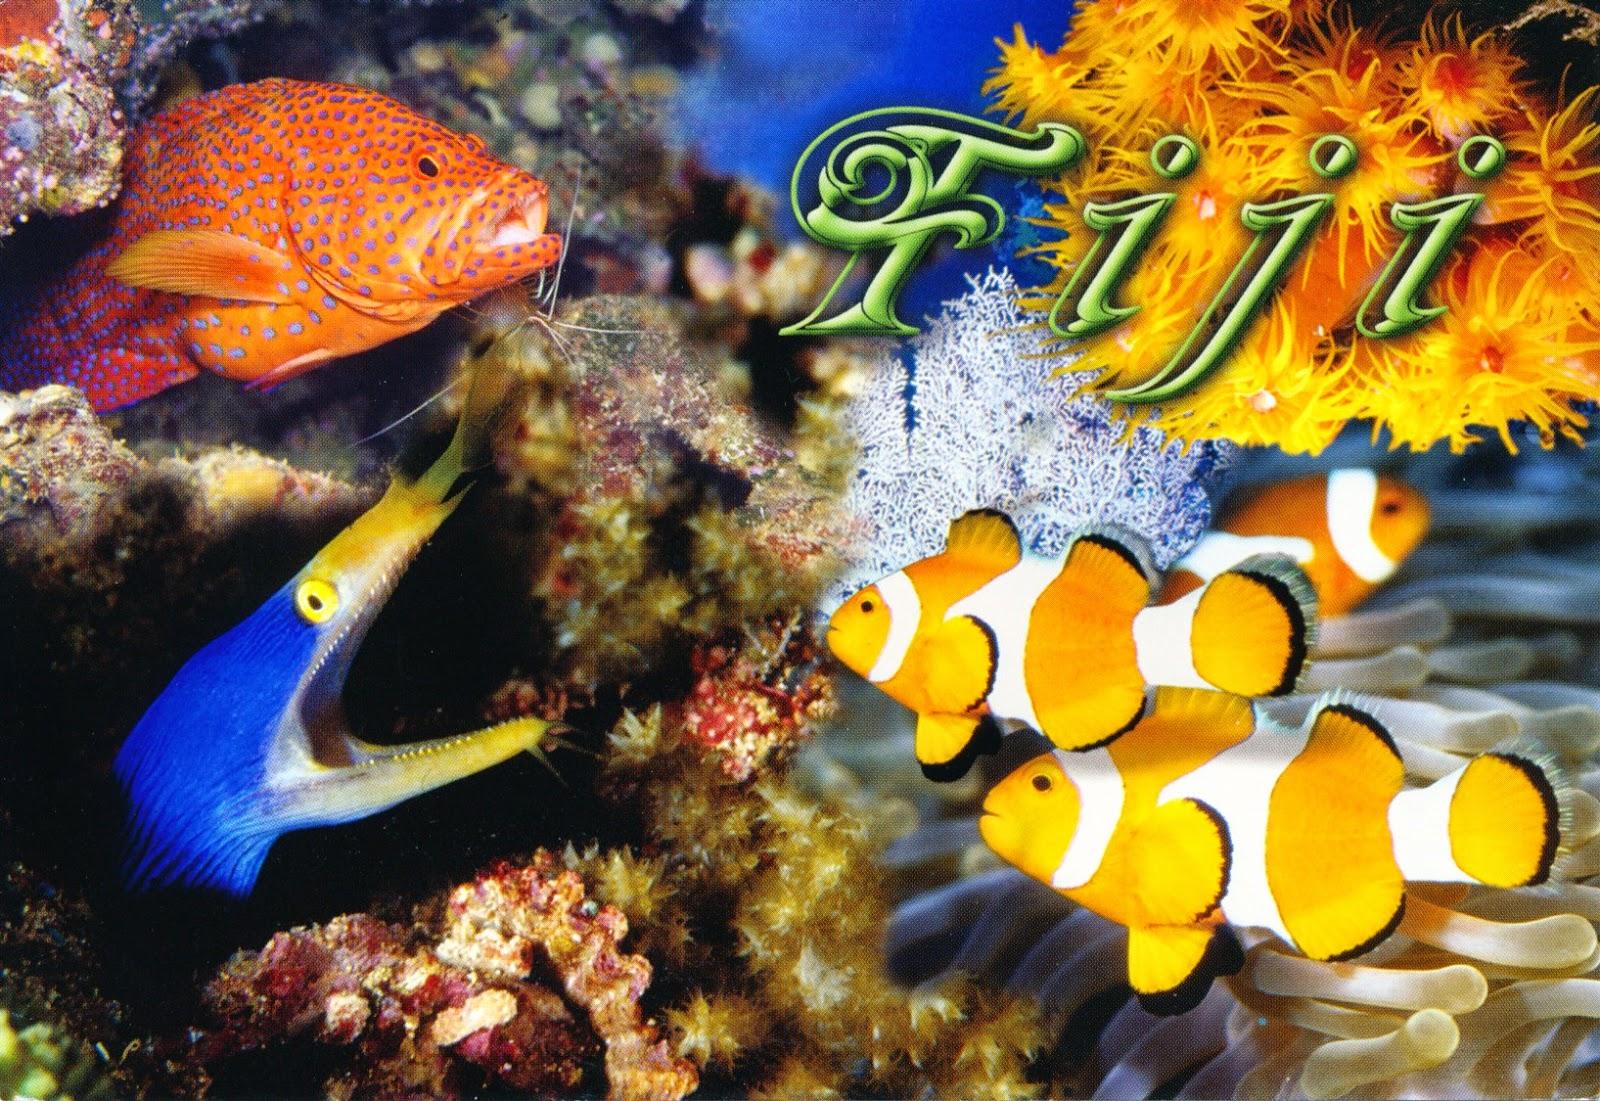 postcard, fiji, corals, fish